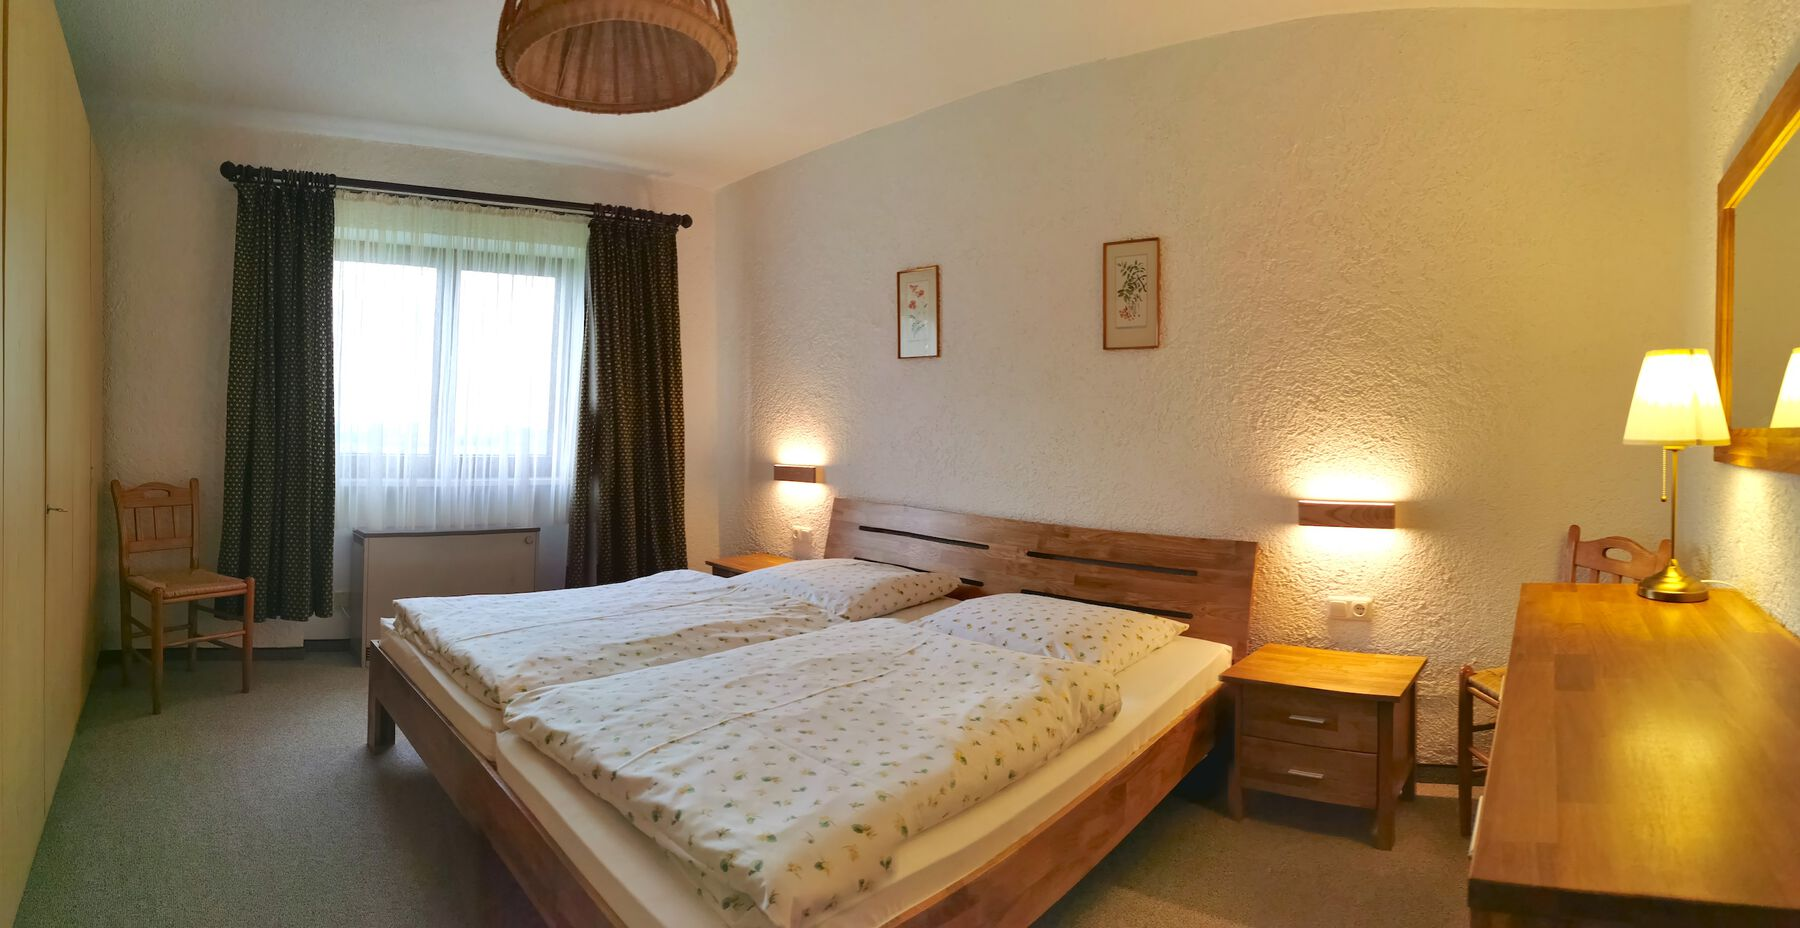 Schlafzimmer 1 EG: